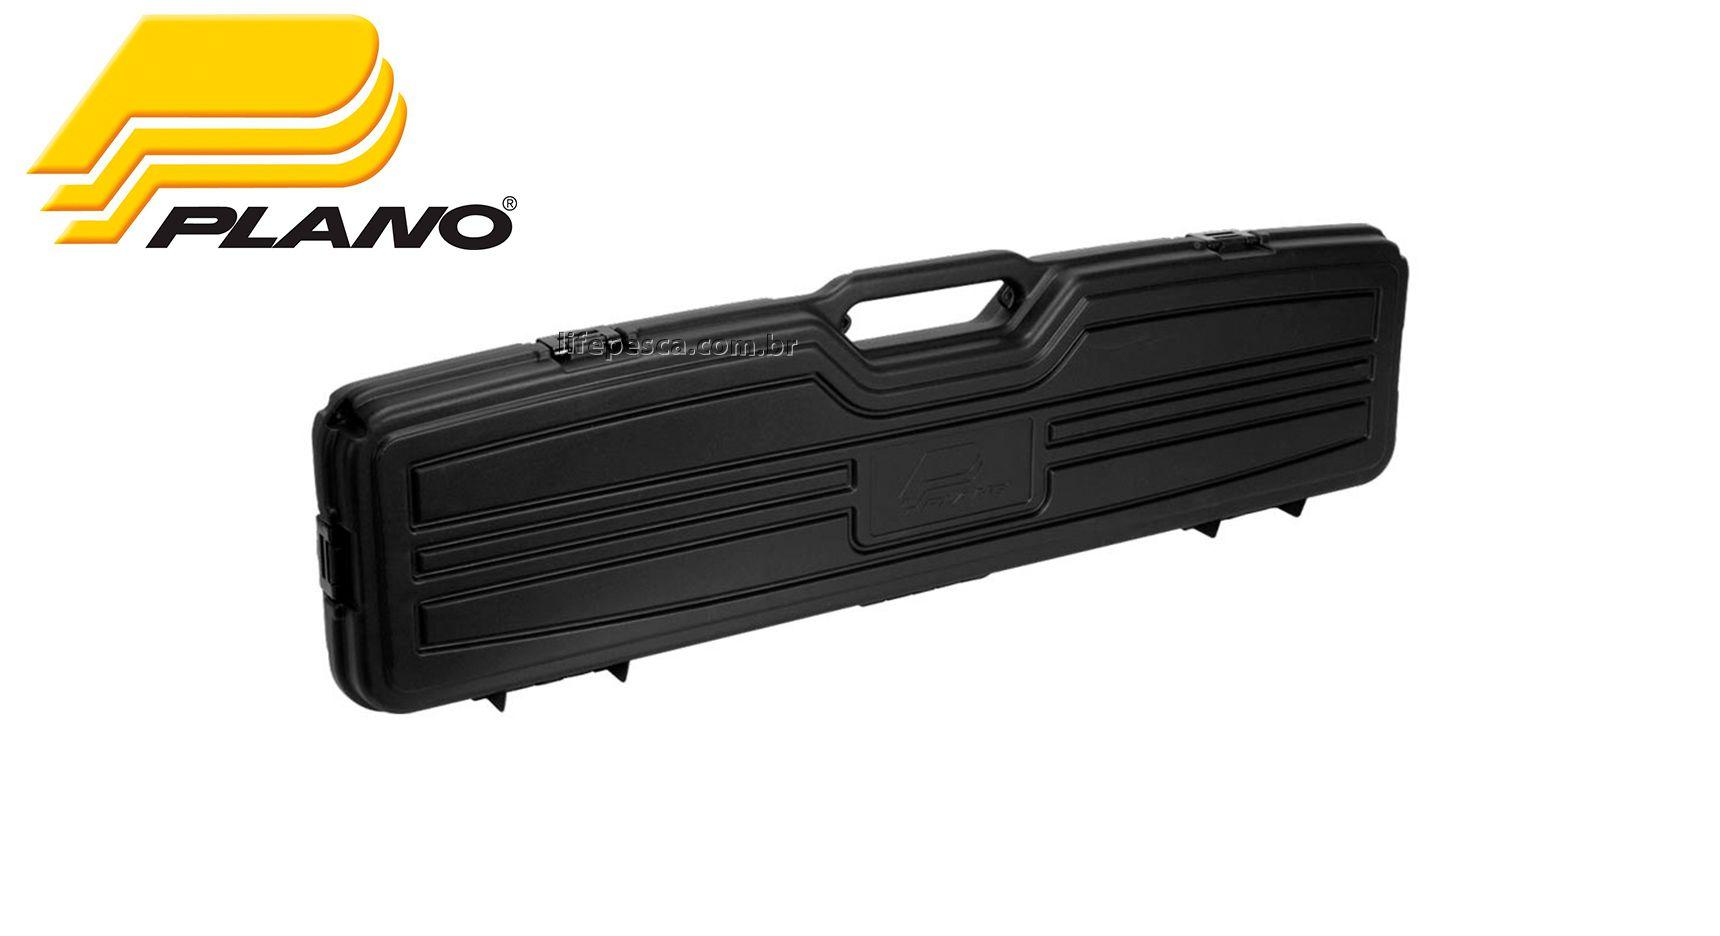 Caixa Case Para Carabina Plano Gun Guard Espingarda Curta - 1014212